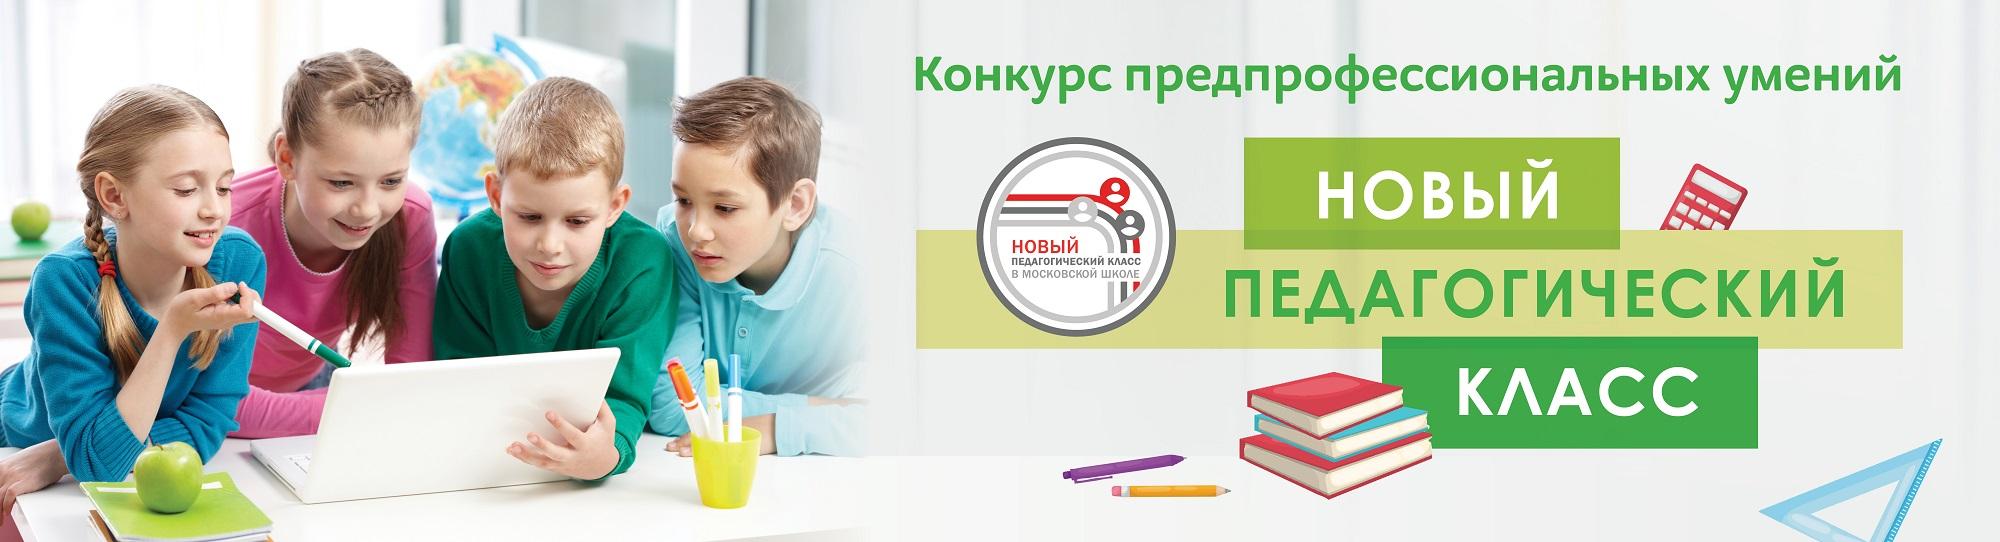 Новый педагогический класс